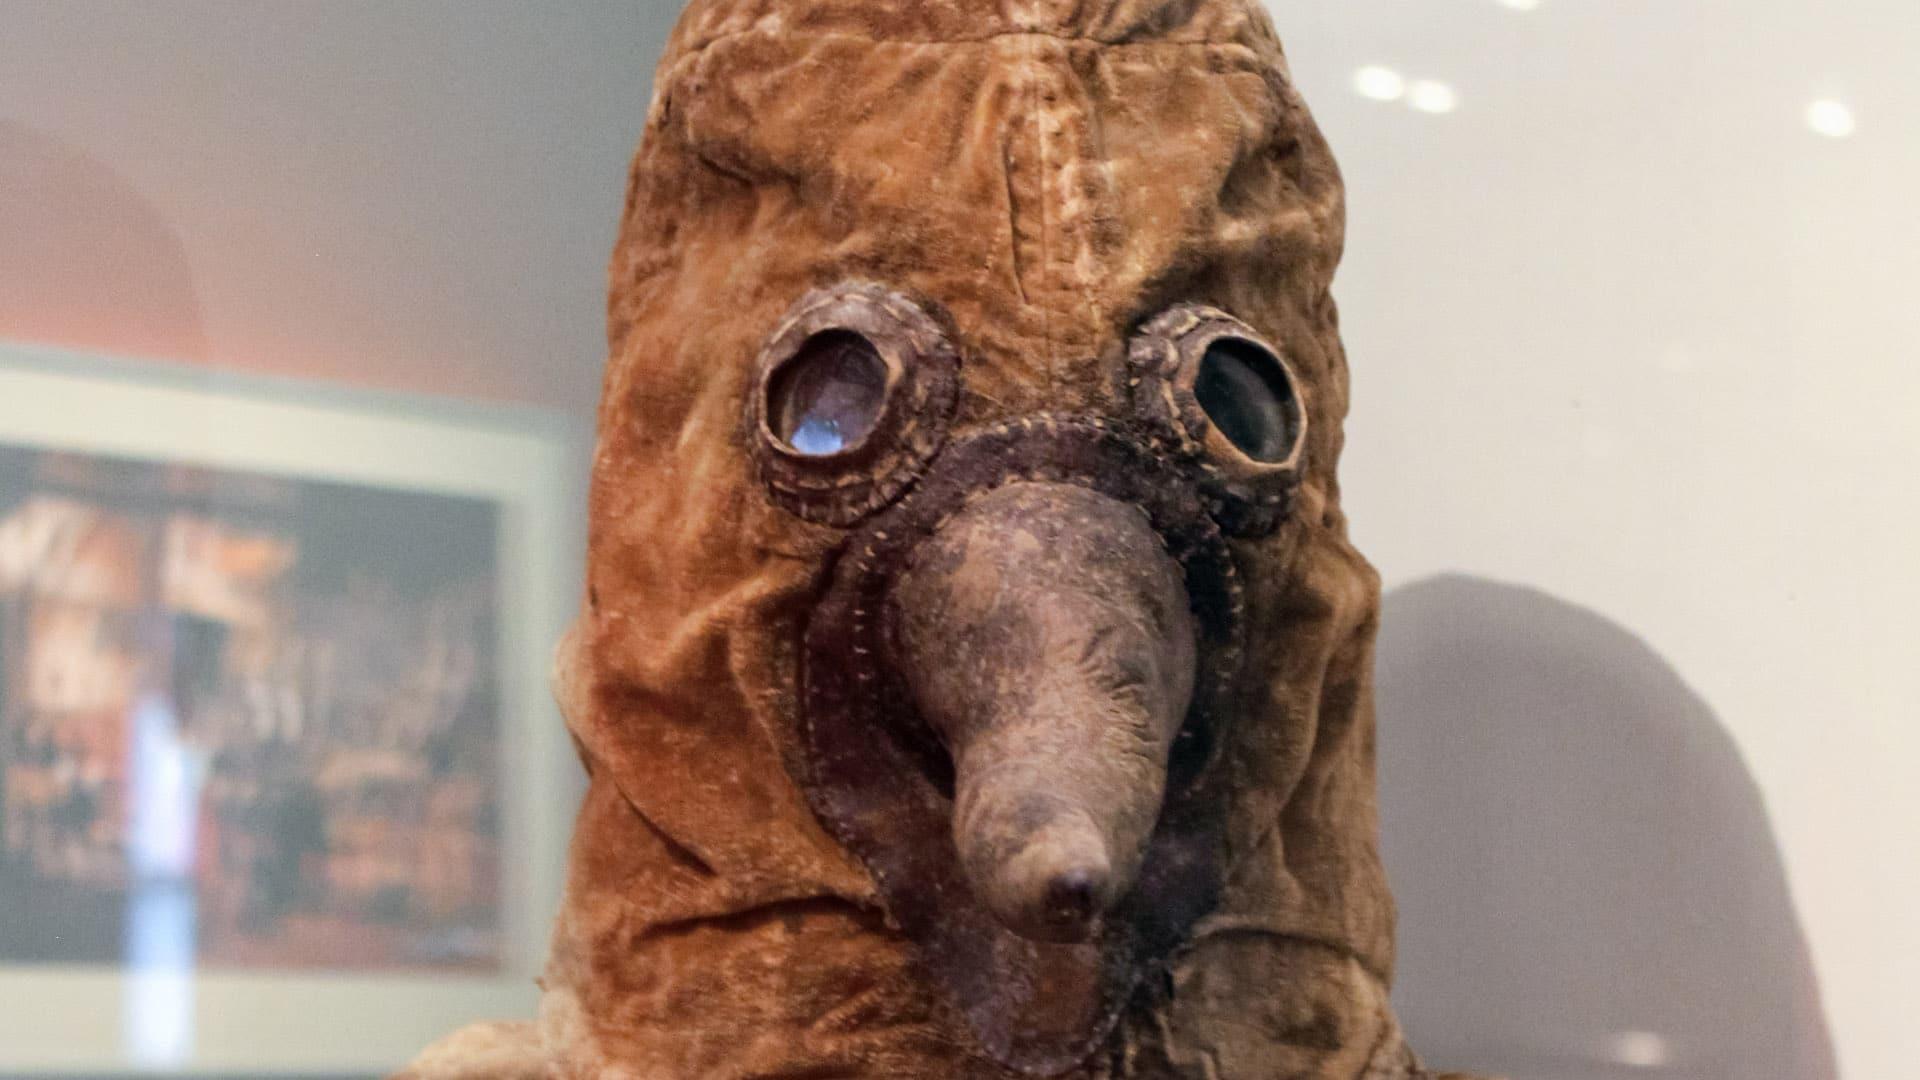 Mit einer sogenannten Pesthaube versuchten sich Ärzte in früheren Jahrhunderten vor Ansteckung zu schützen. Kräuter und mit Essig getränkte Schwämme in dem schnabelförmigen Nasenstück sollten die Atemluft filtern.